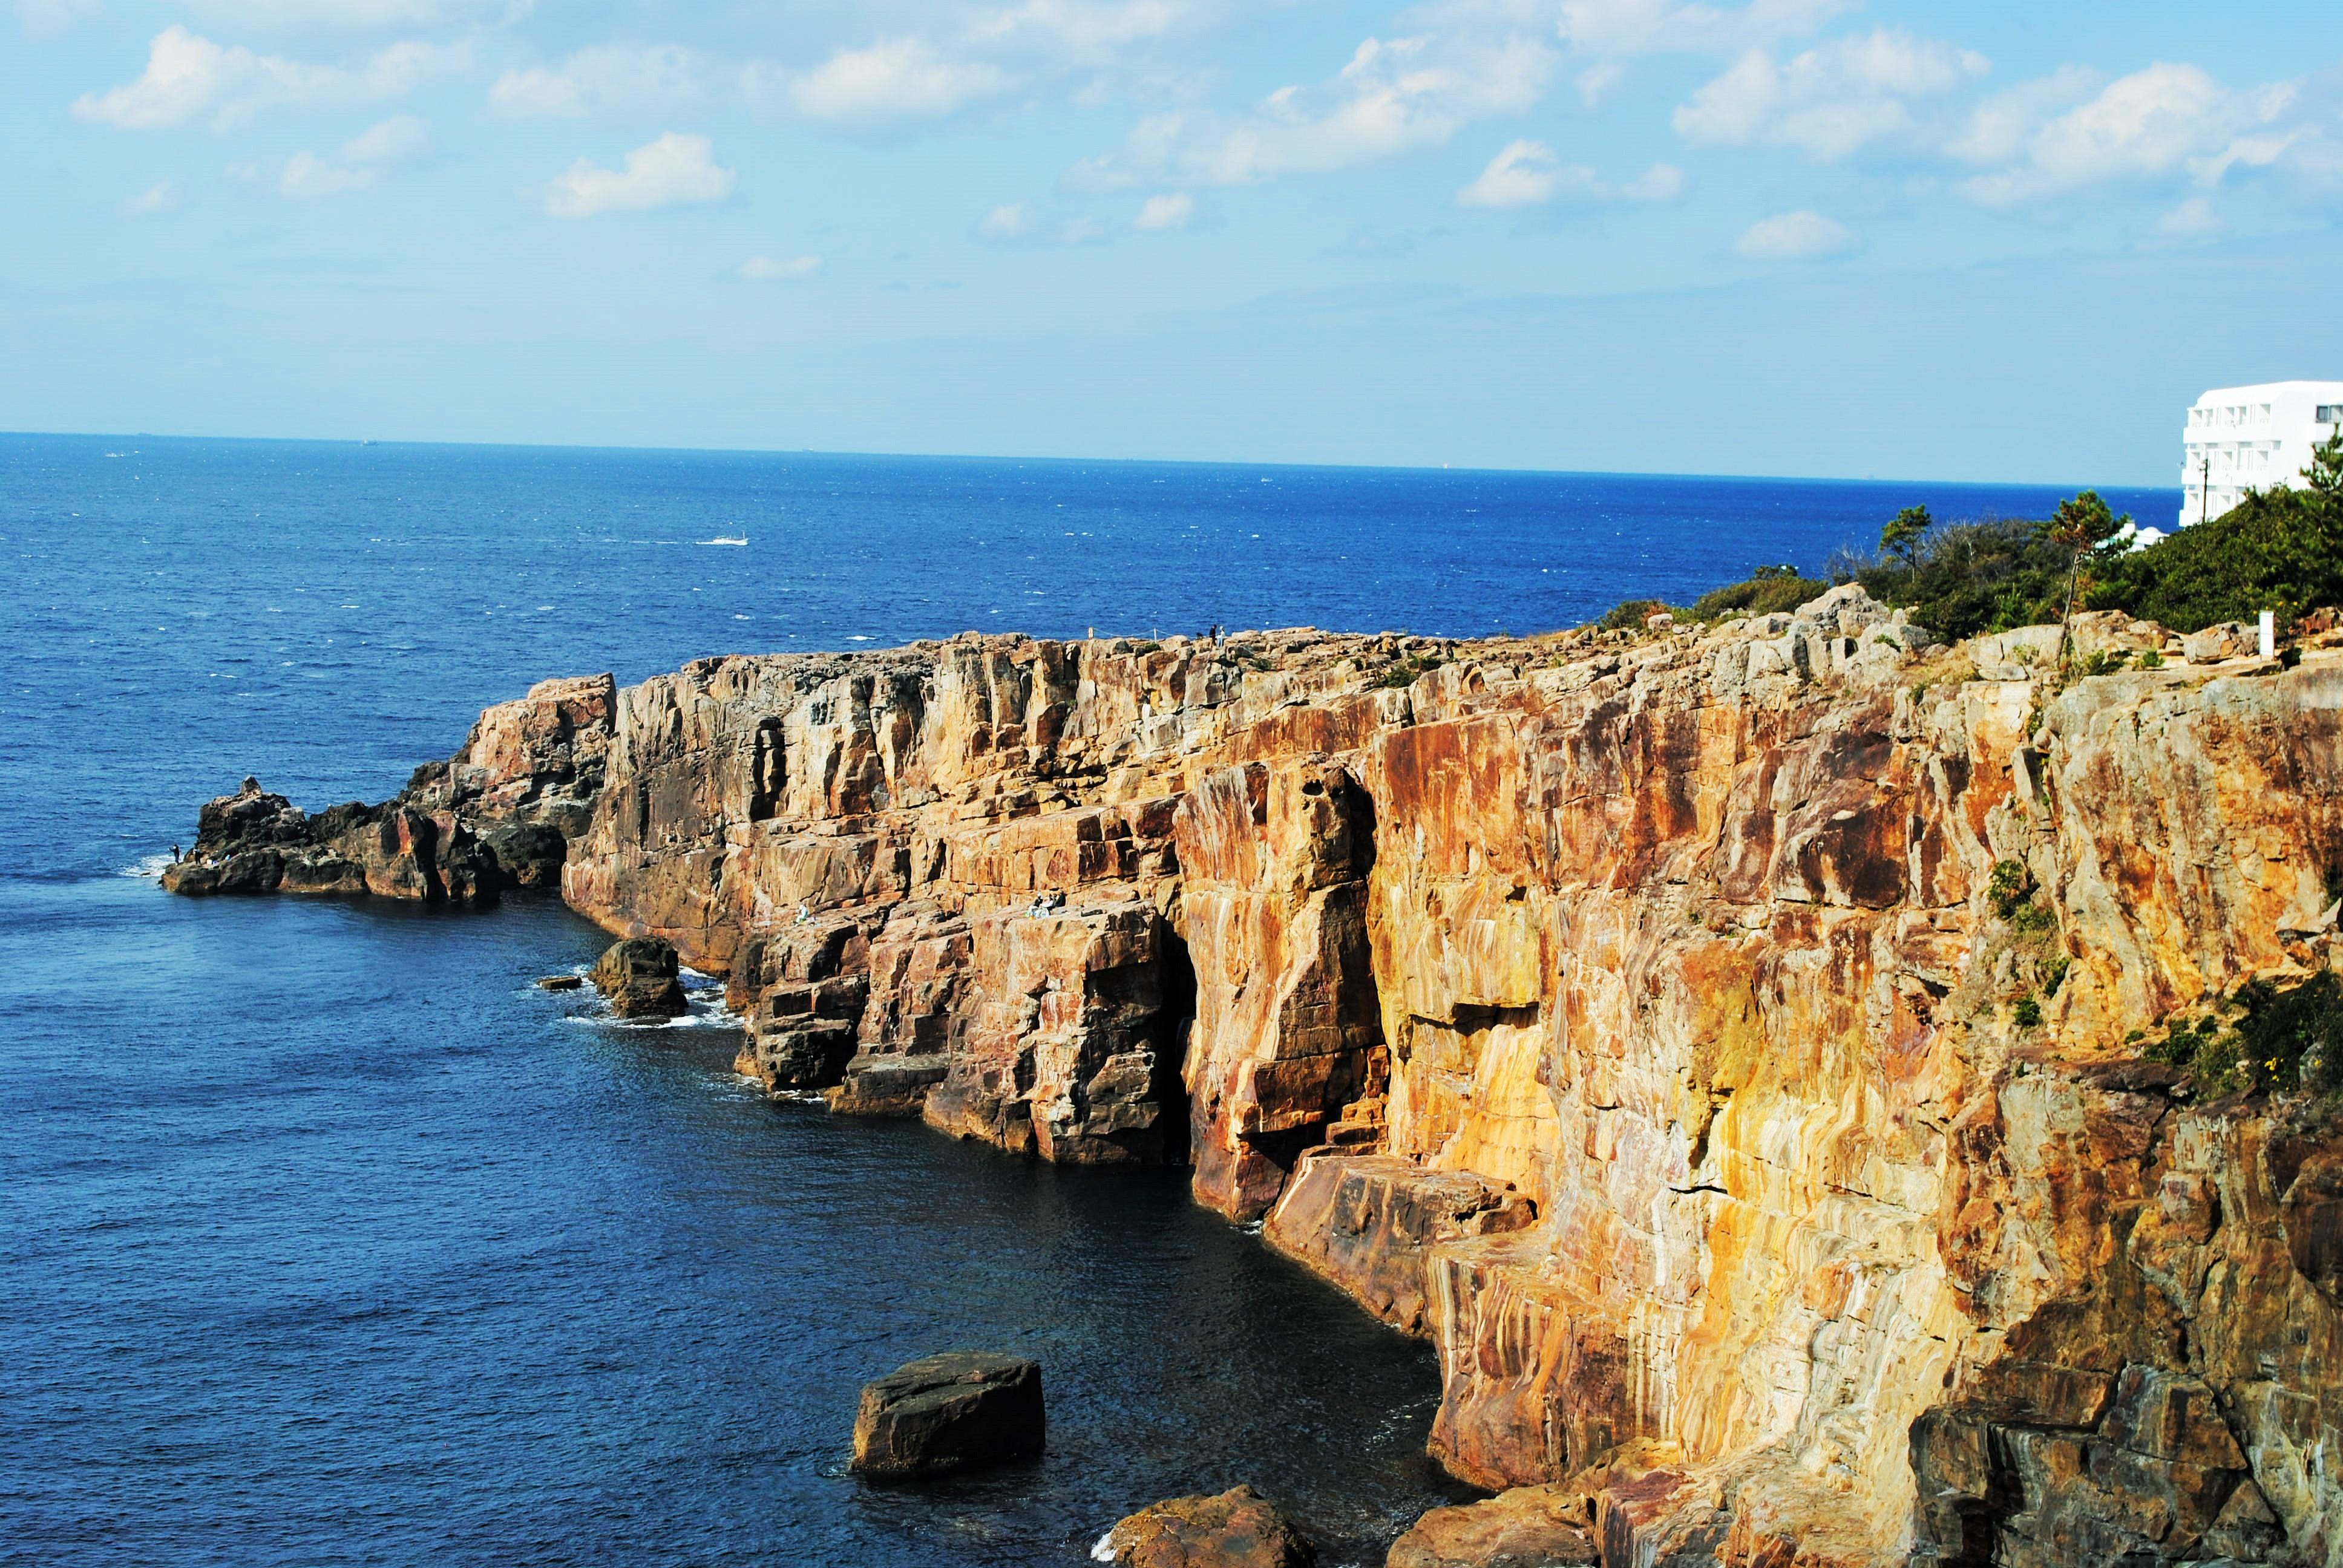 海と波と岩のコントラストが美しい「南紀白浜」を満喫できるお勧めドライブスポット